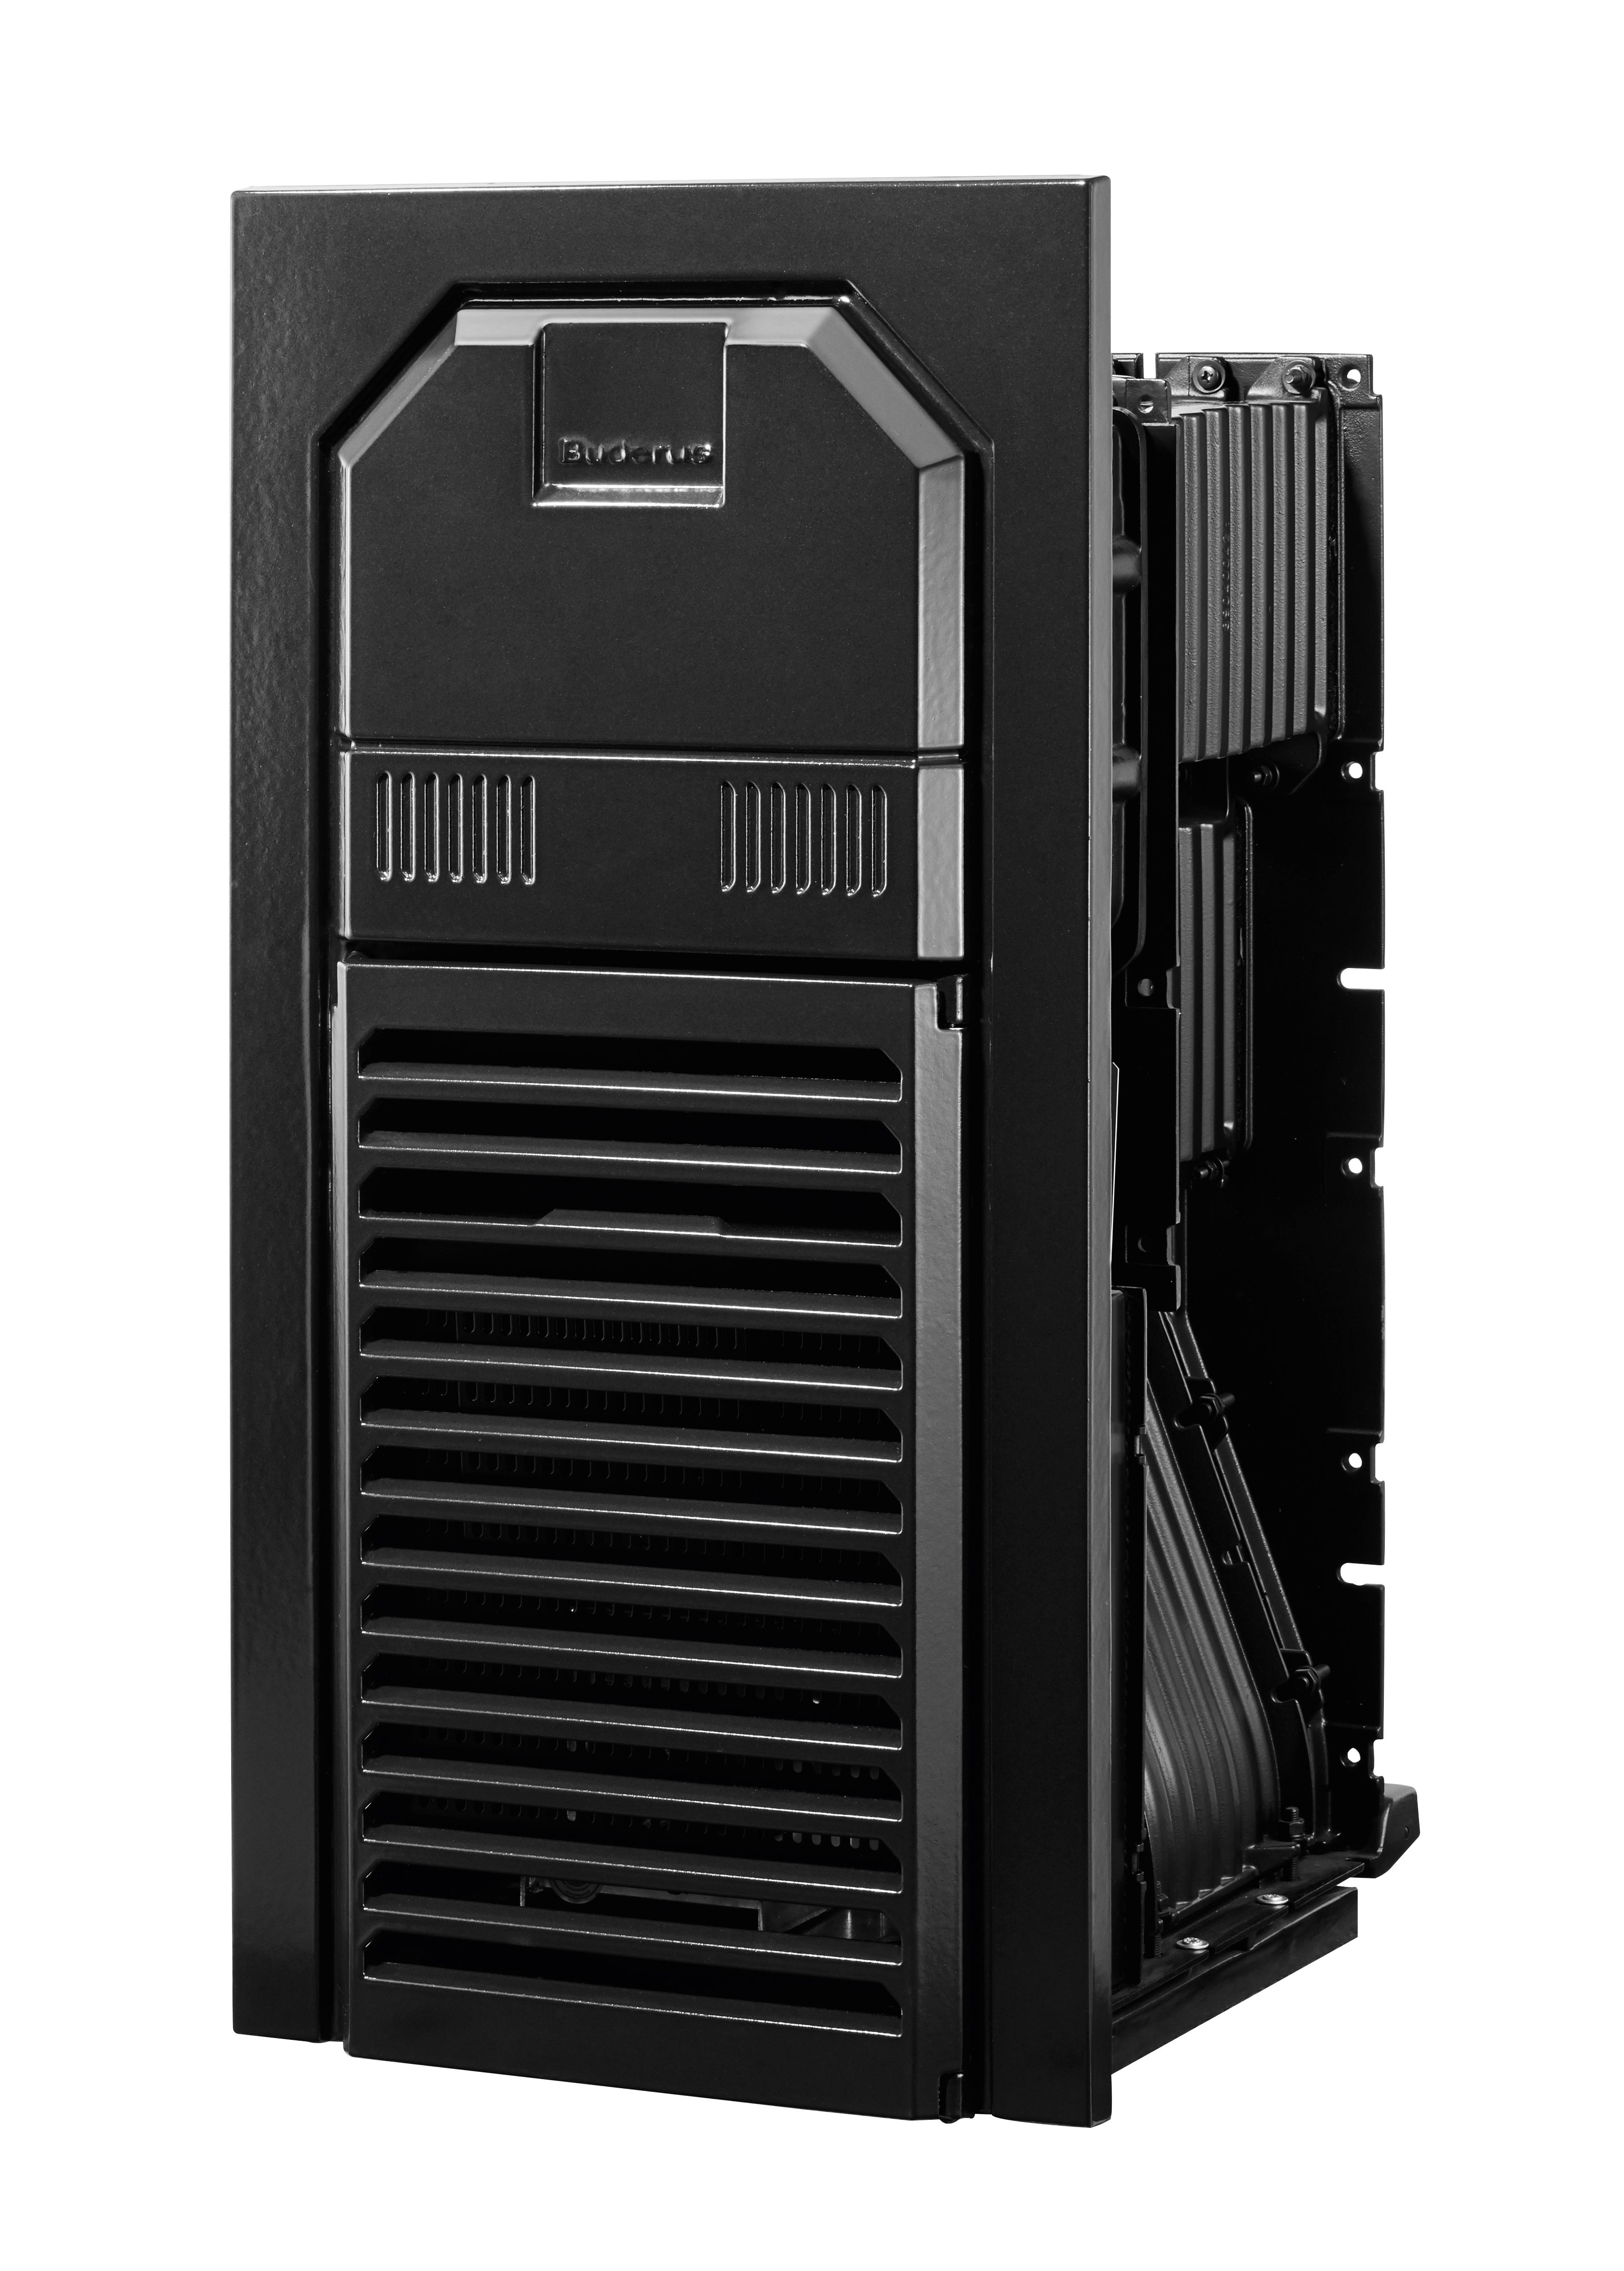 Der elektrische Buderus Gasheizeinsatz H214V mit einer Leistung von 9 kW ist mit einem zweistufigen Gasbrenner ausgestattet, der vollautomatisch funktioniert.  Quelle: Buderus